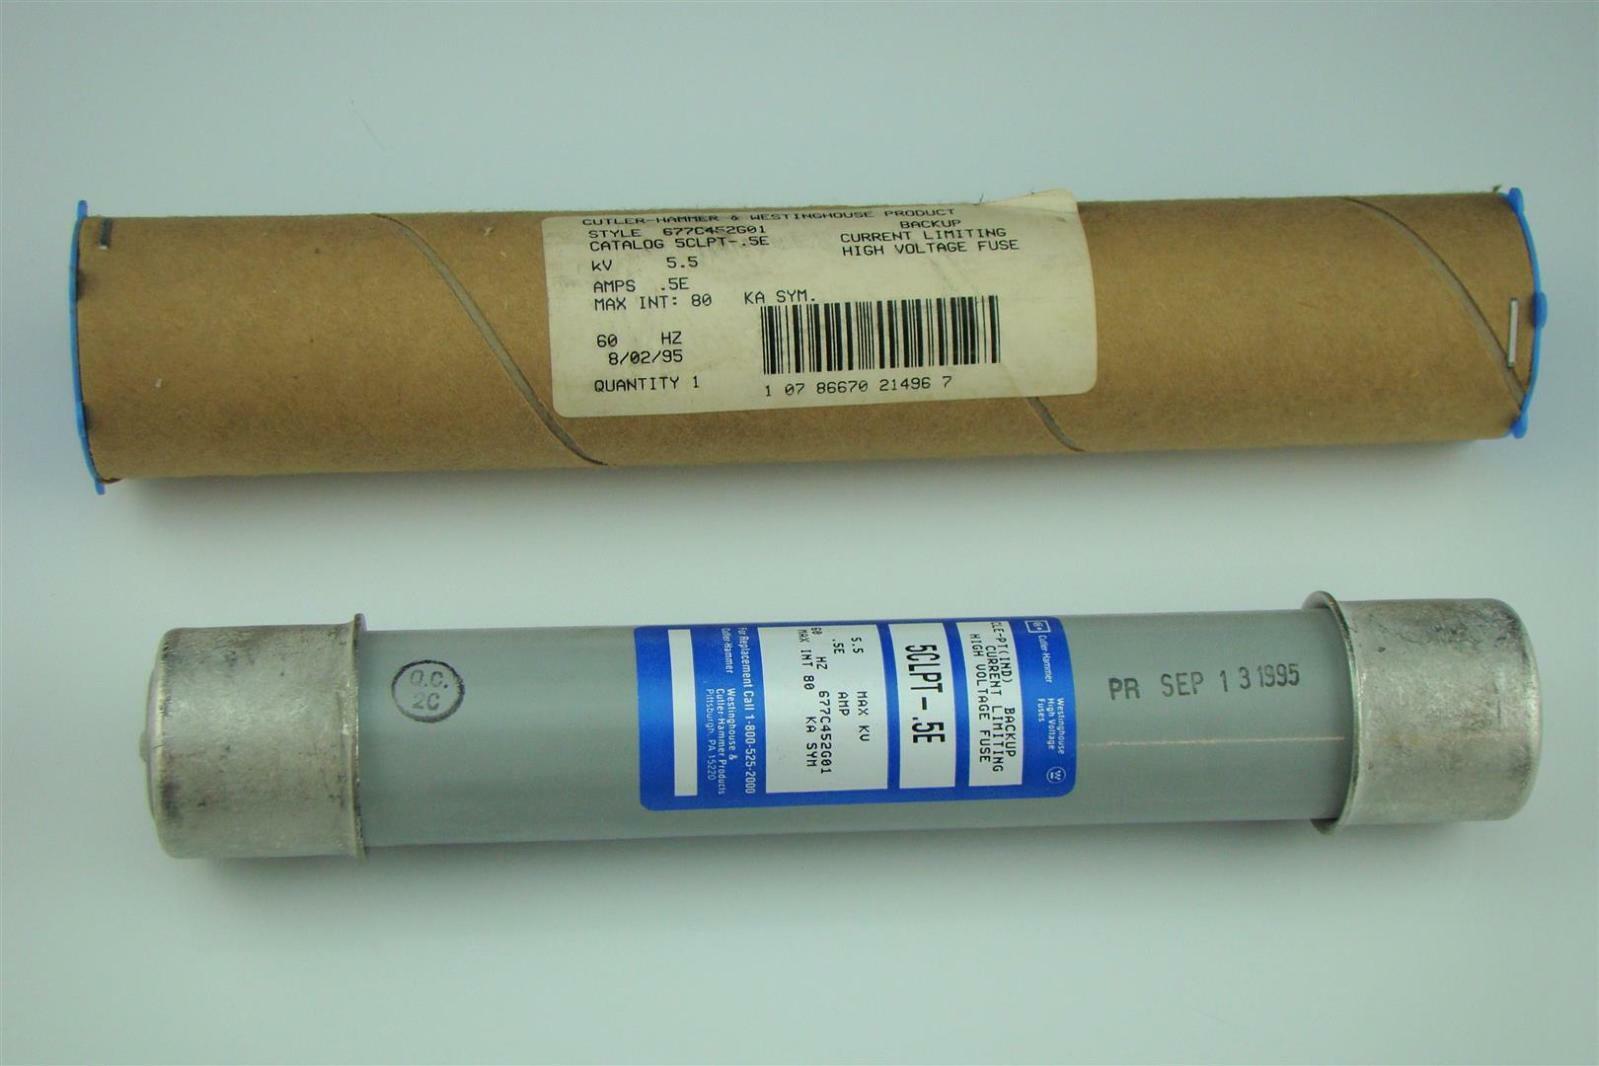 Westinghouse cutler hammer high voltage fuses kv clpt e